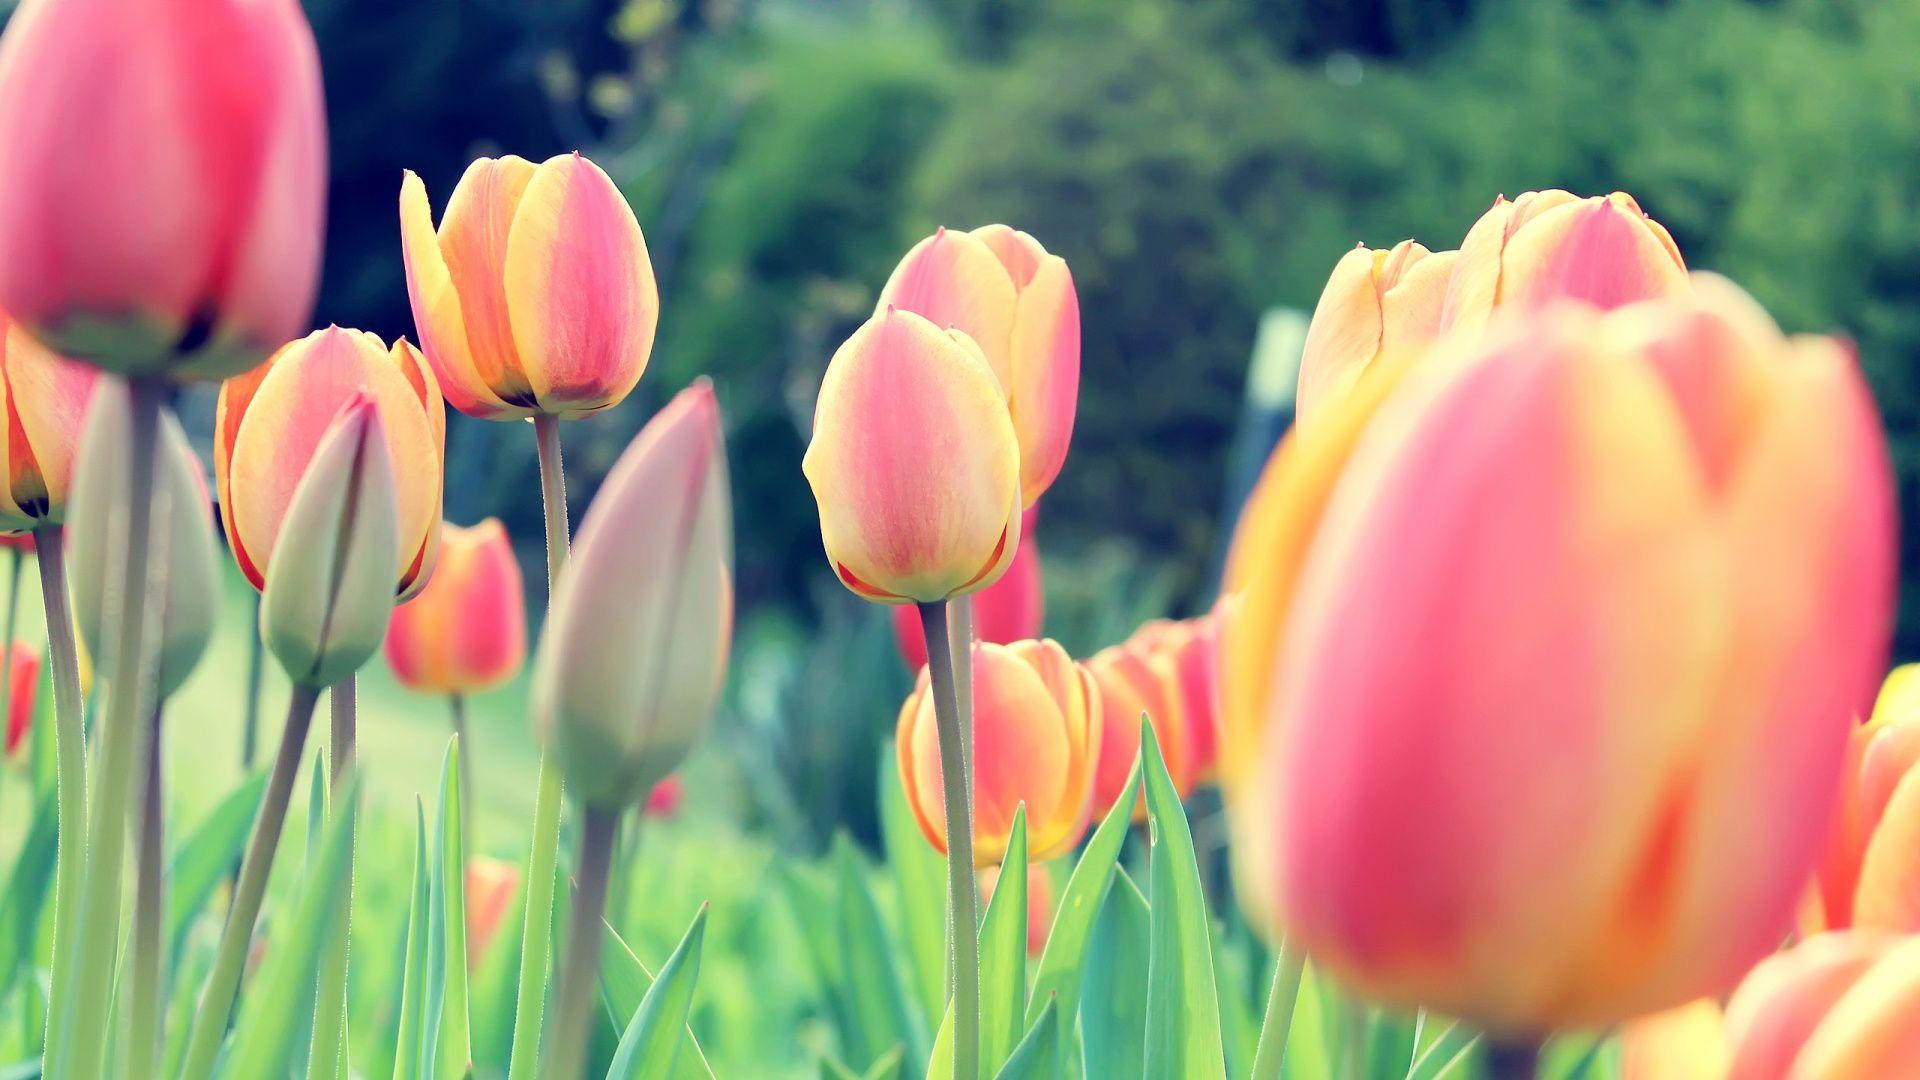 Tulips Field Hd Wallpaper Free Desktop Wallpaper Flowers Tulips